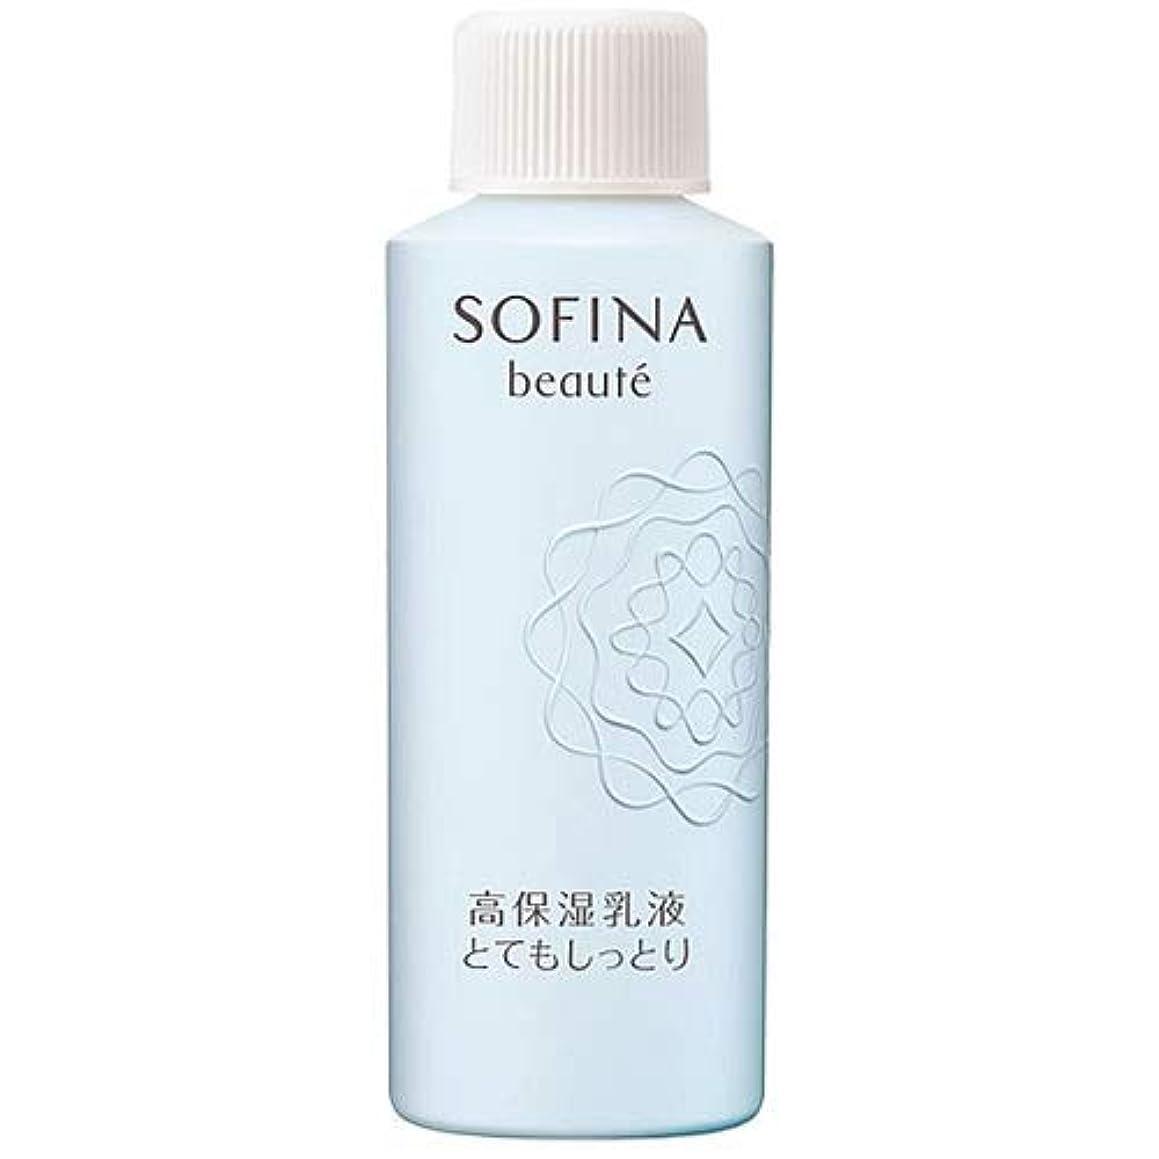 見込み悲劇的な怪物ソフィーナ ボーテ 高保湿乳液 とてもしっとり つけかえ用レフィル 60g [並行輸入品]